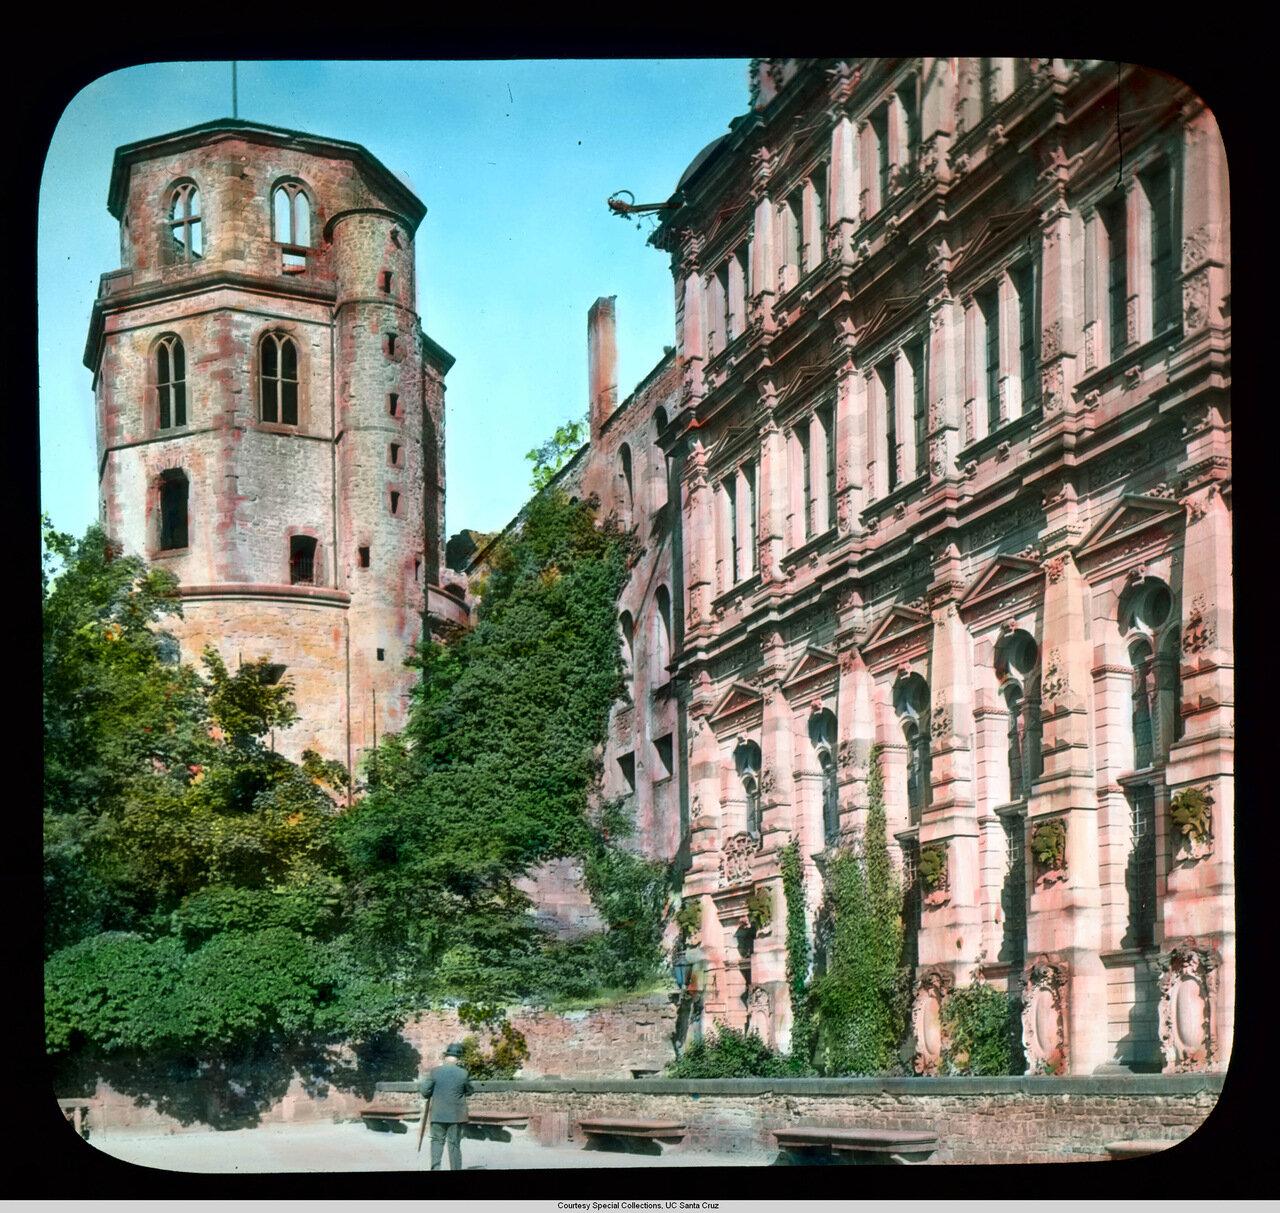 Гейдельберг. Замок. Восьмиугольная башня и крыло Фридриха (1601)